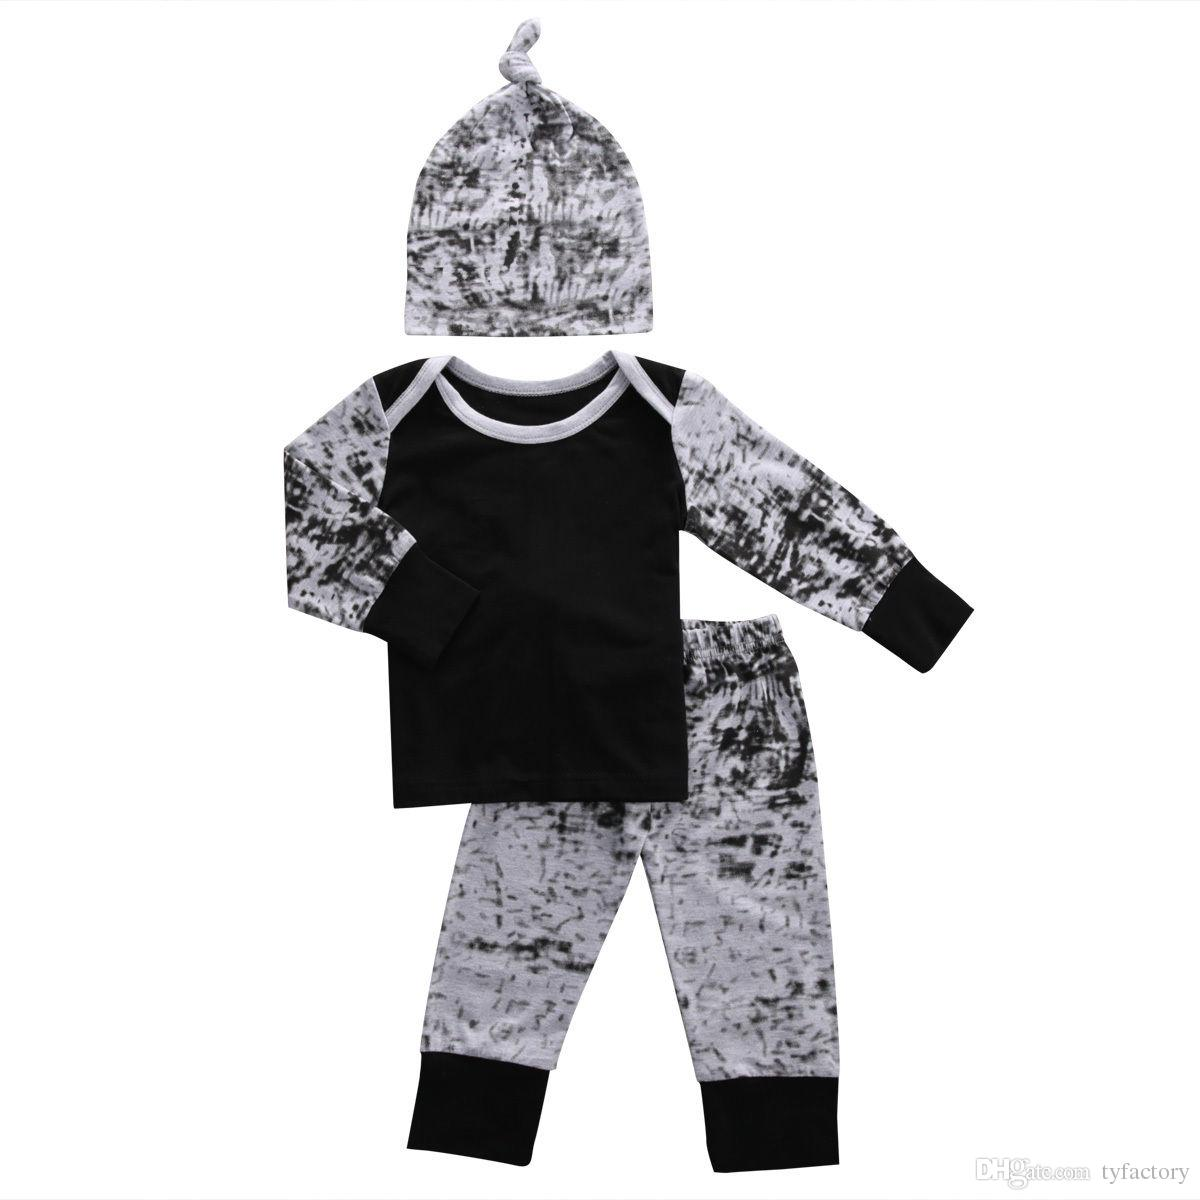 2016 baby boy girl suits european style fashion shirt+hat+pants legging children boys outfits Sets infant cotton suit Newborn Clothes